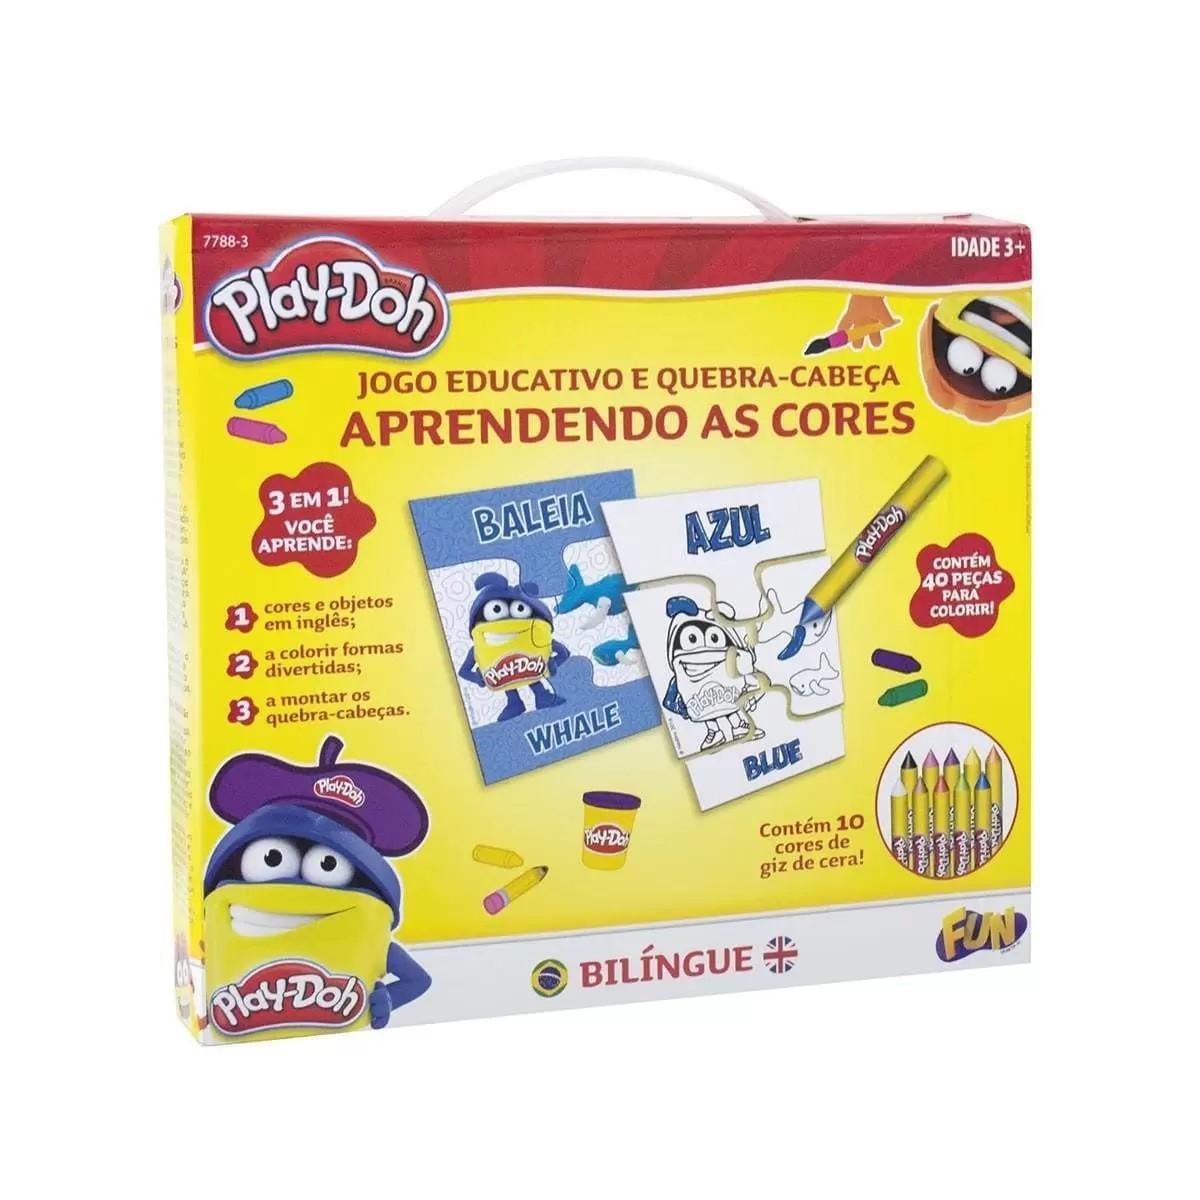 Jogo Educativo Bilíngue e Quebra-Cabeça Aprendendo as Cores - Play-Doh